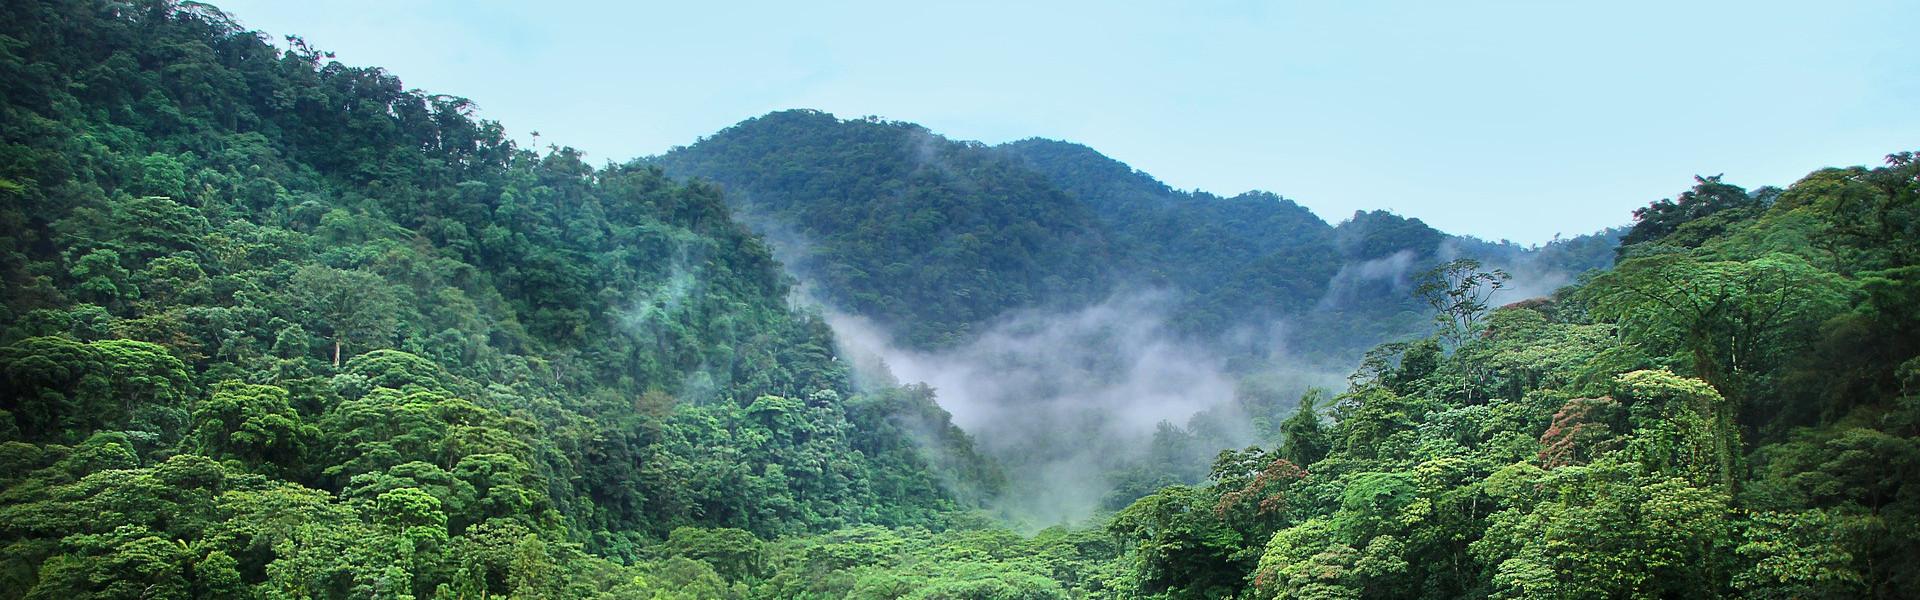 Destination image of Amérique centrale